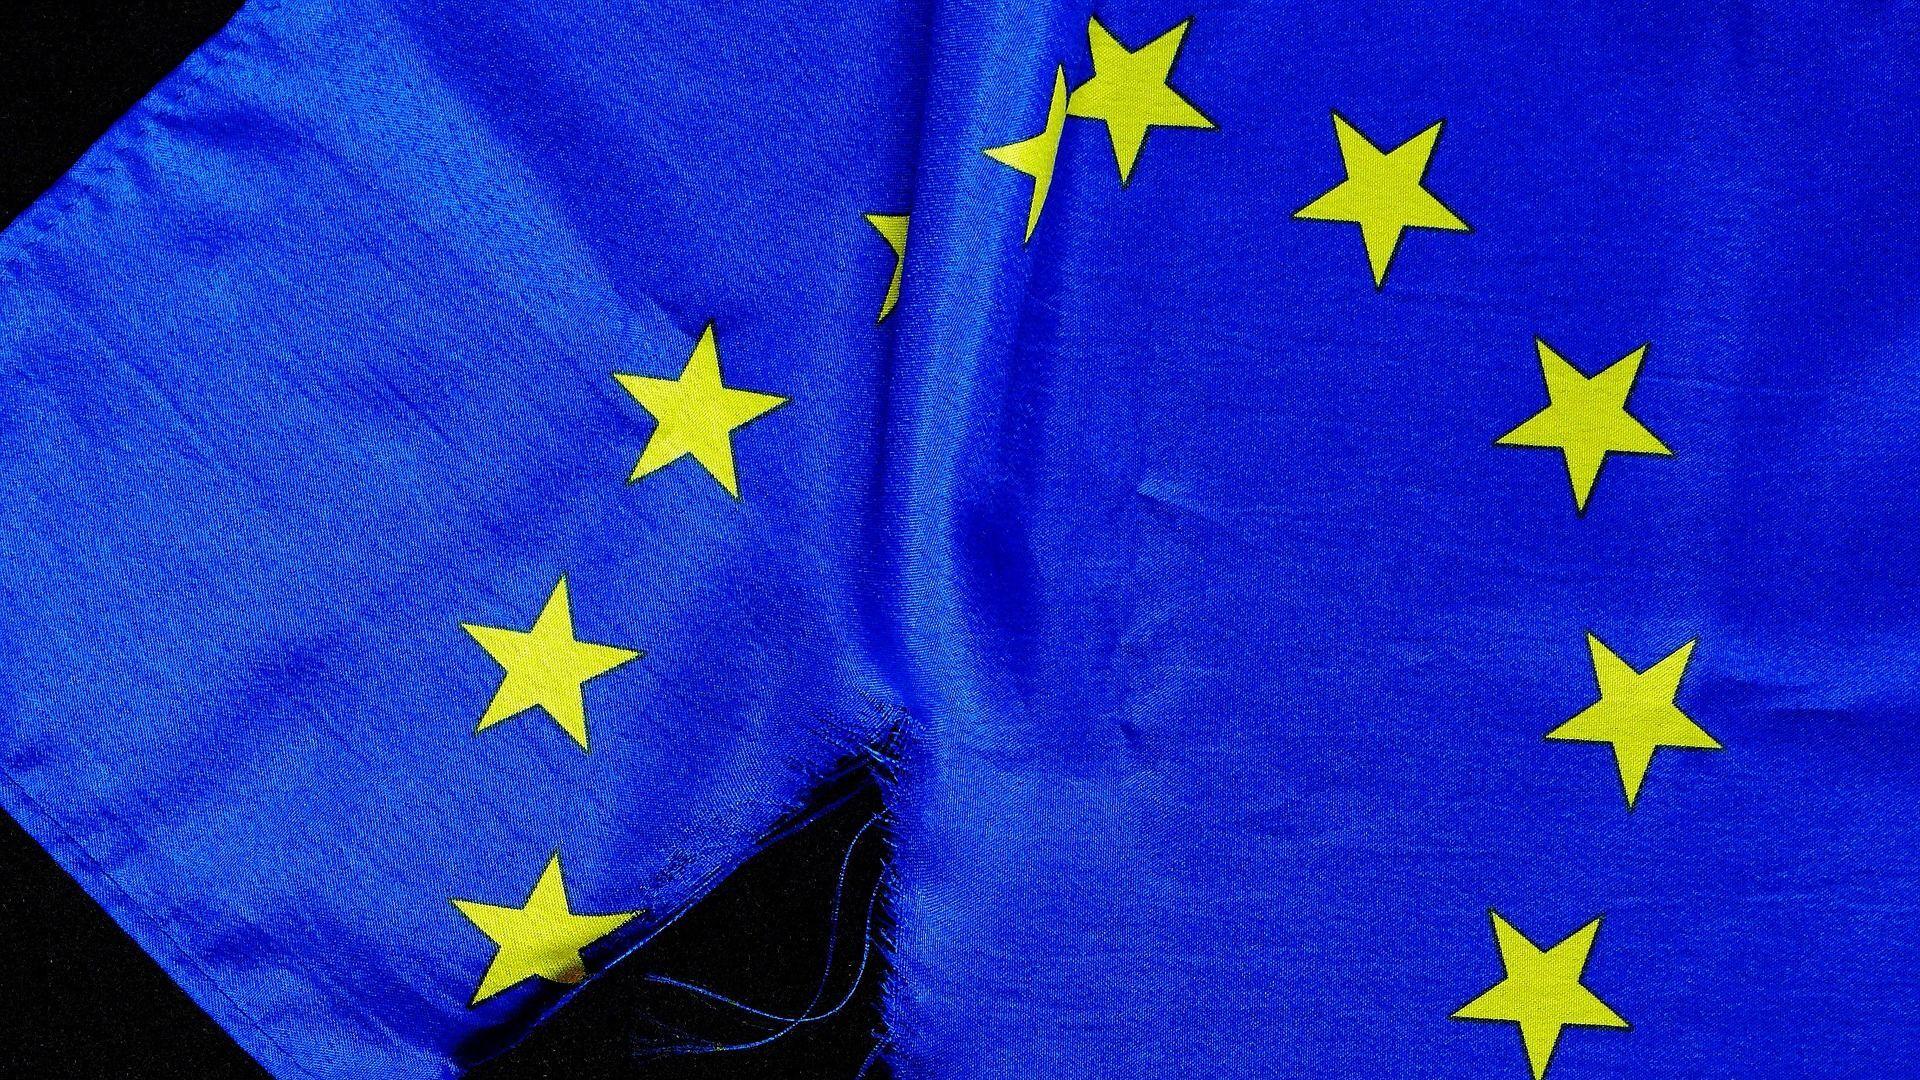 EU flag - Sputnik International, 1920, 14.09.2021